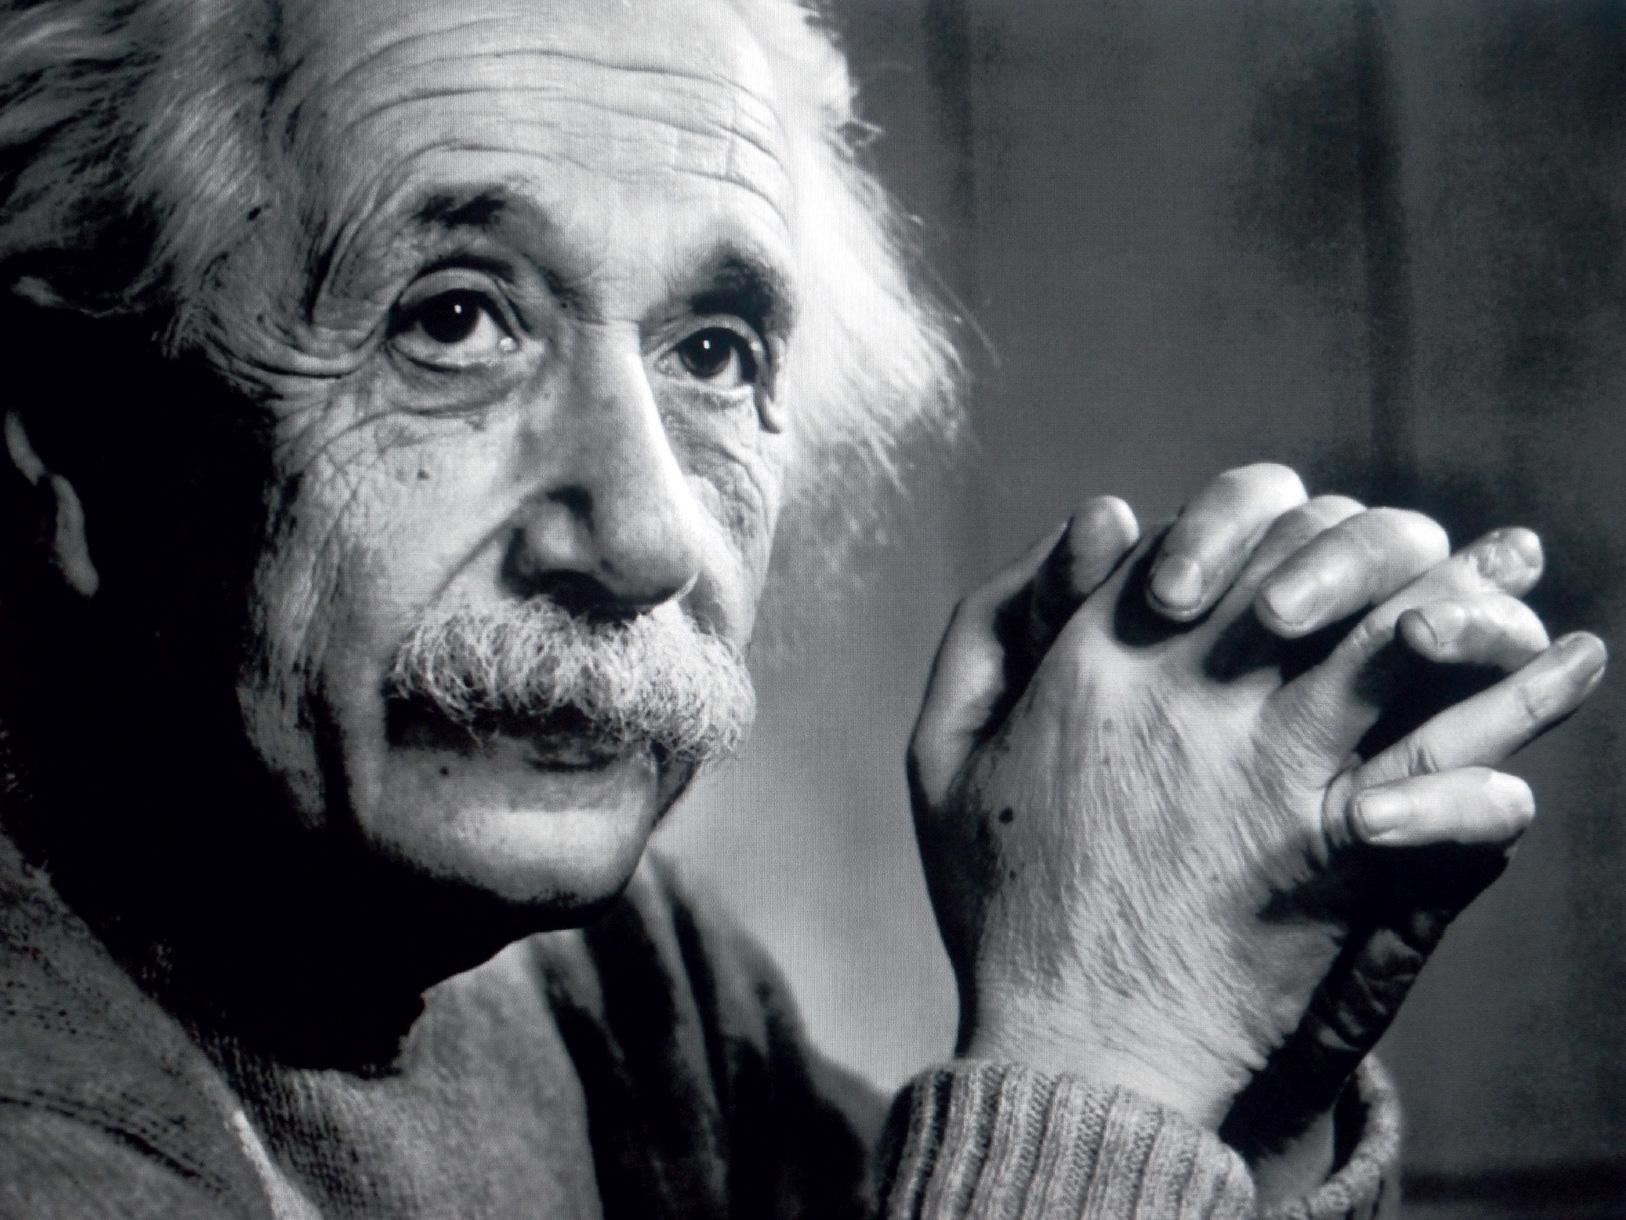 Alebert Einstein